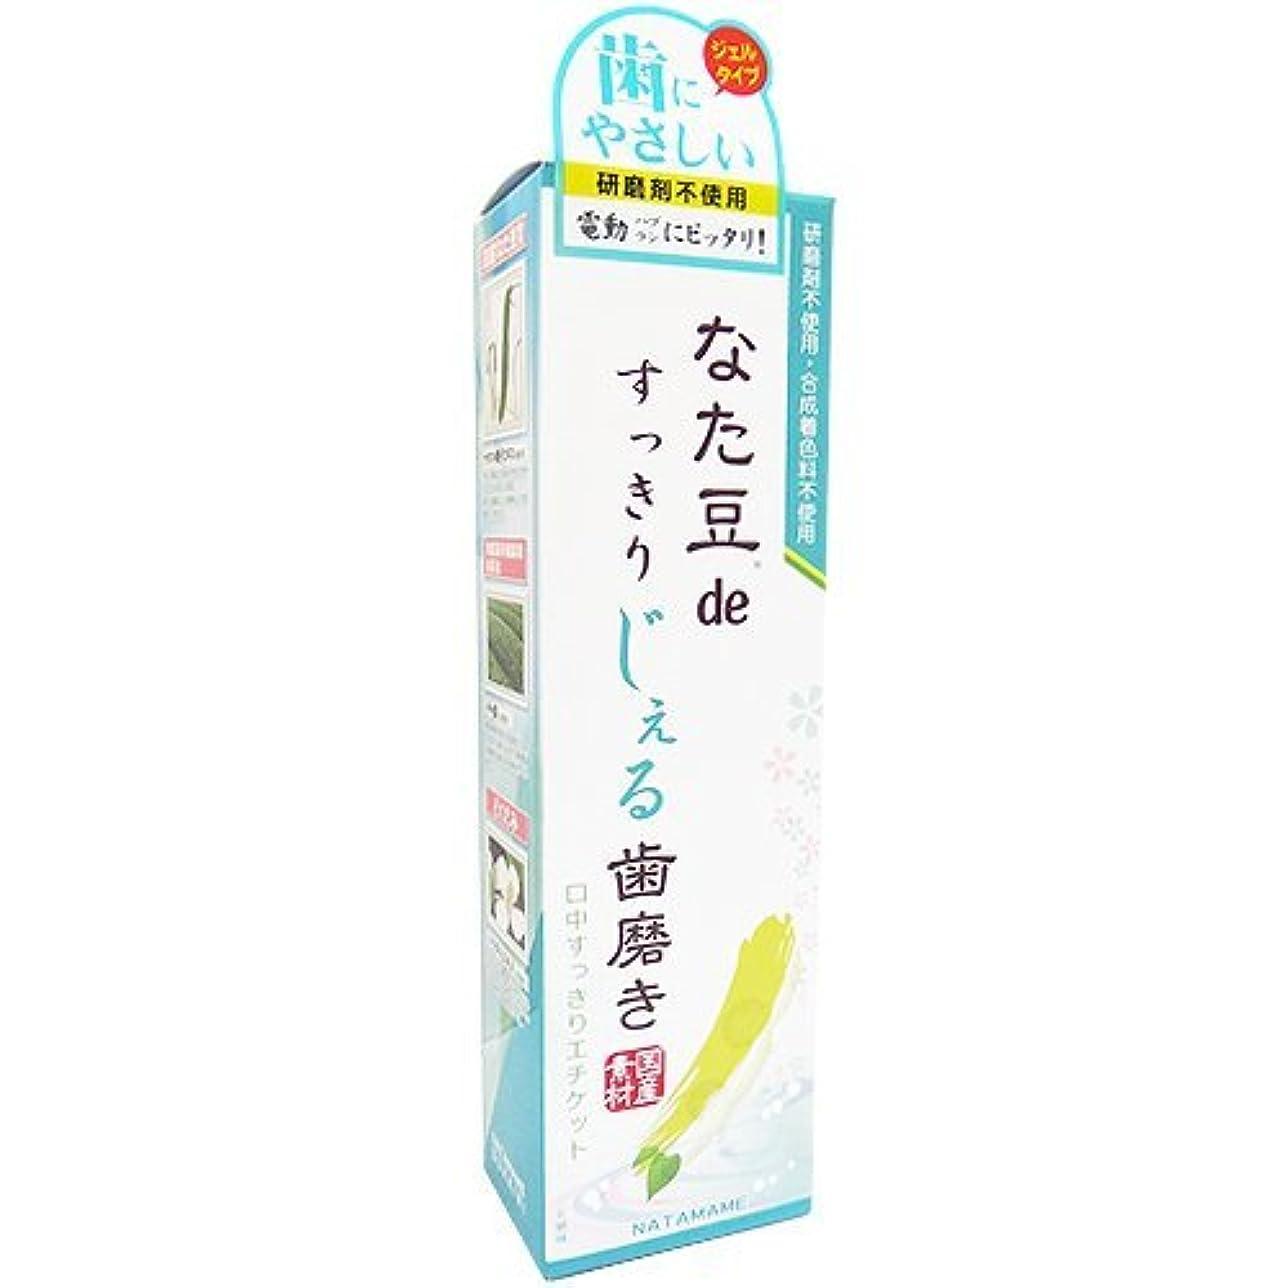 見つけた応じる斧なた豆(矯味)deすっきりじぇる歯磨き × 12個セット